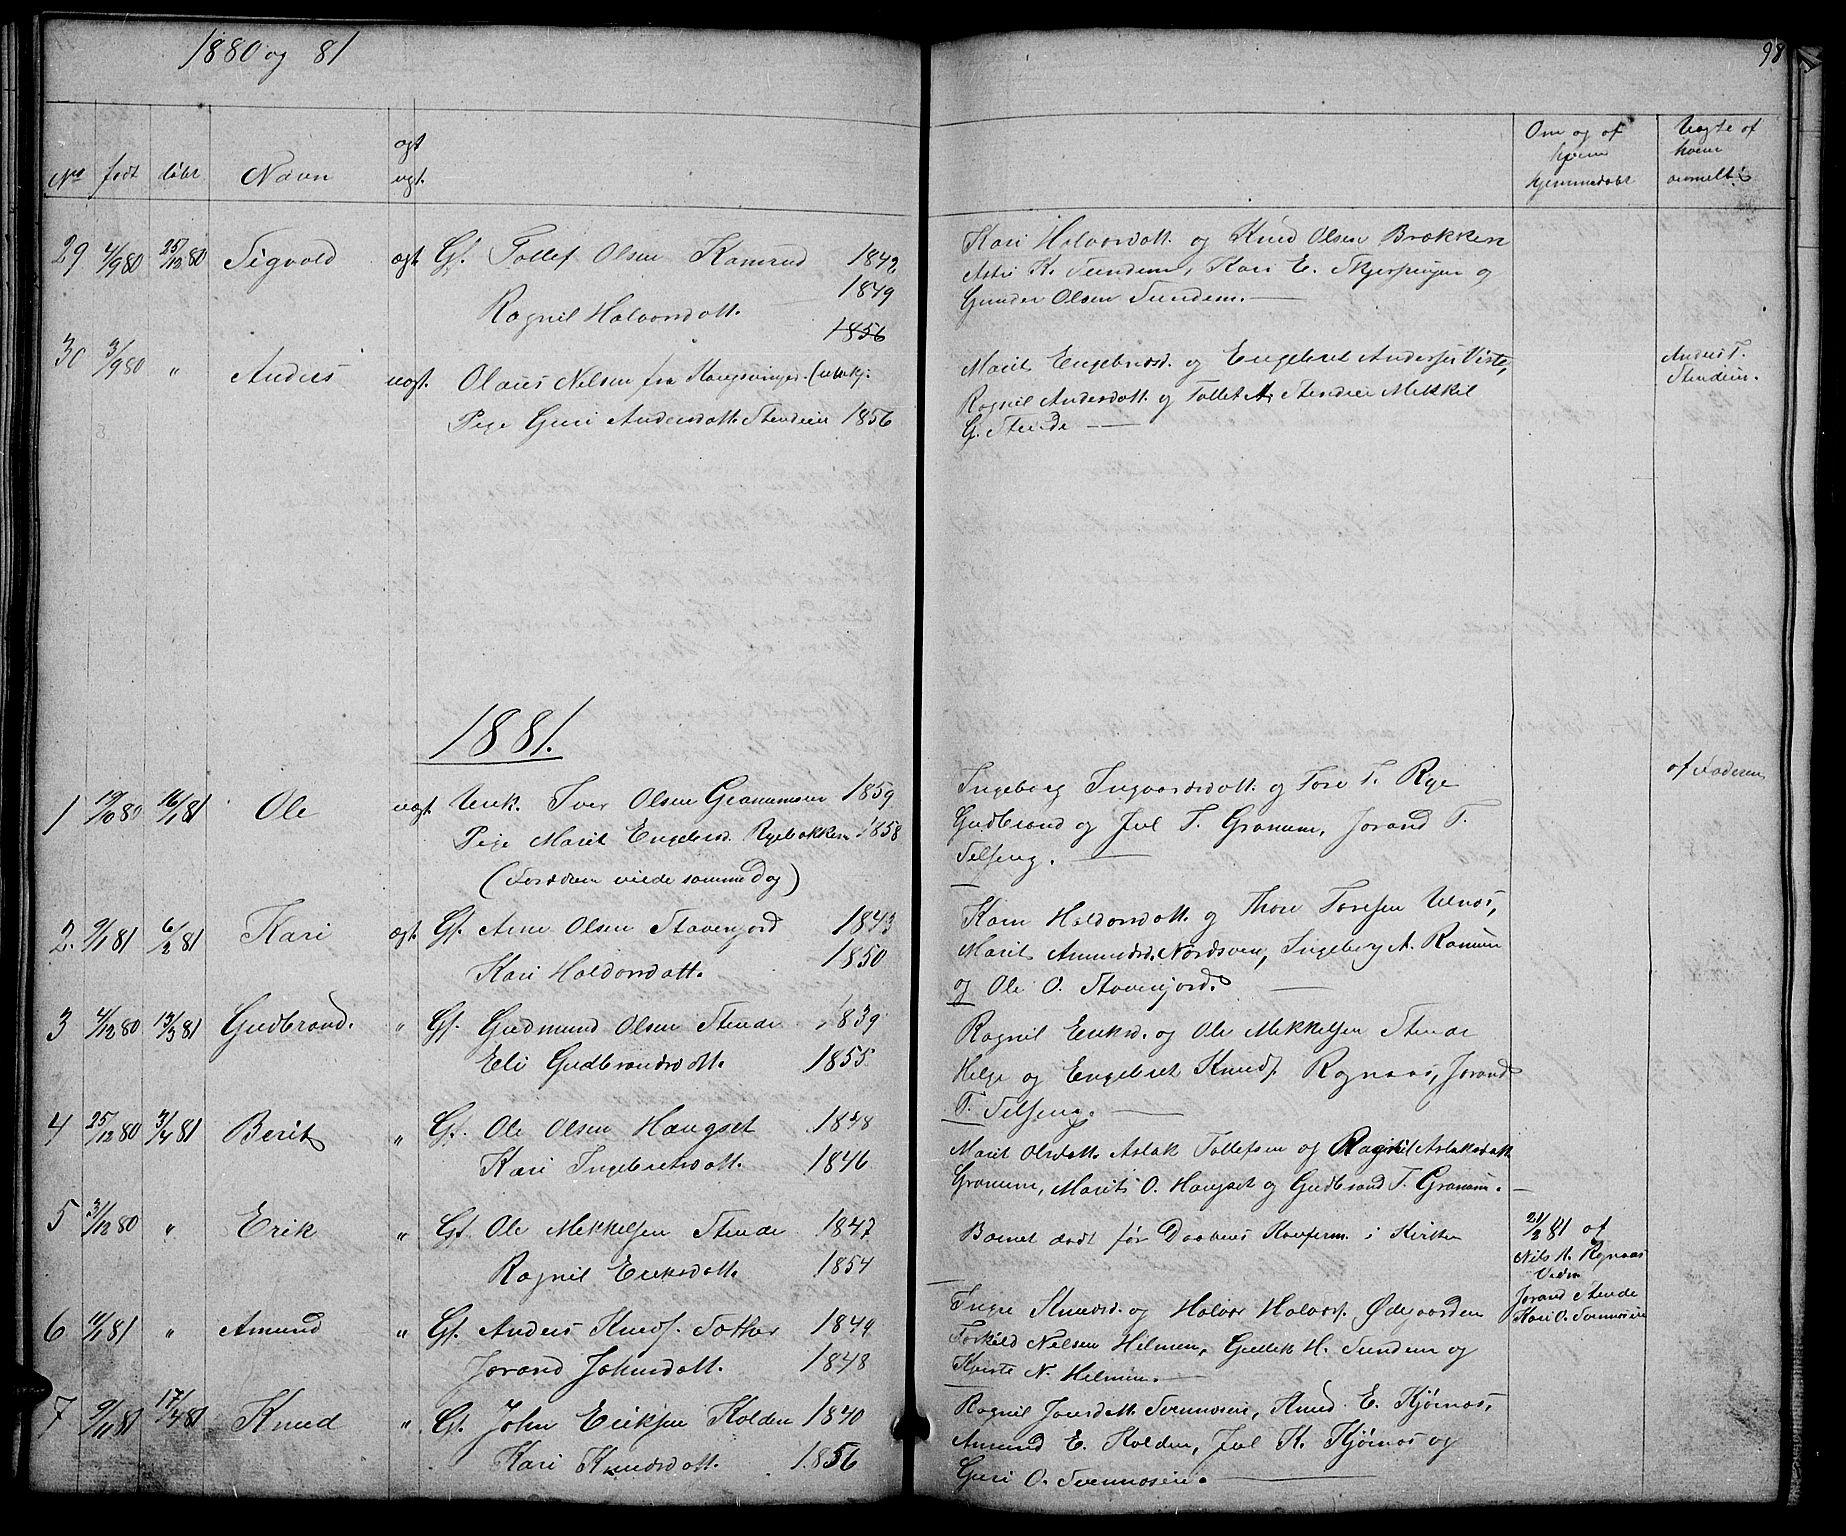 SAH, Nord-Aurdal prestekontor, Klokkerbok nr. 4, 1842-1882, s. 98